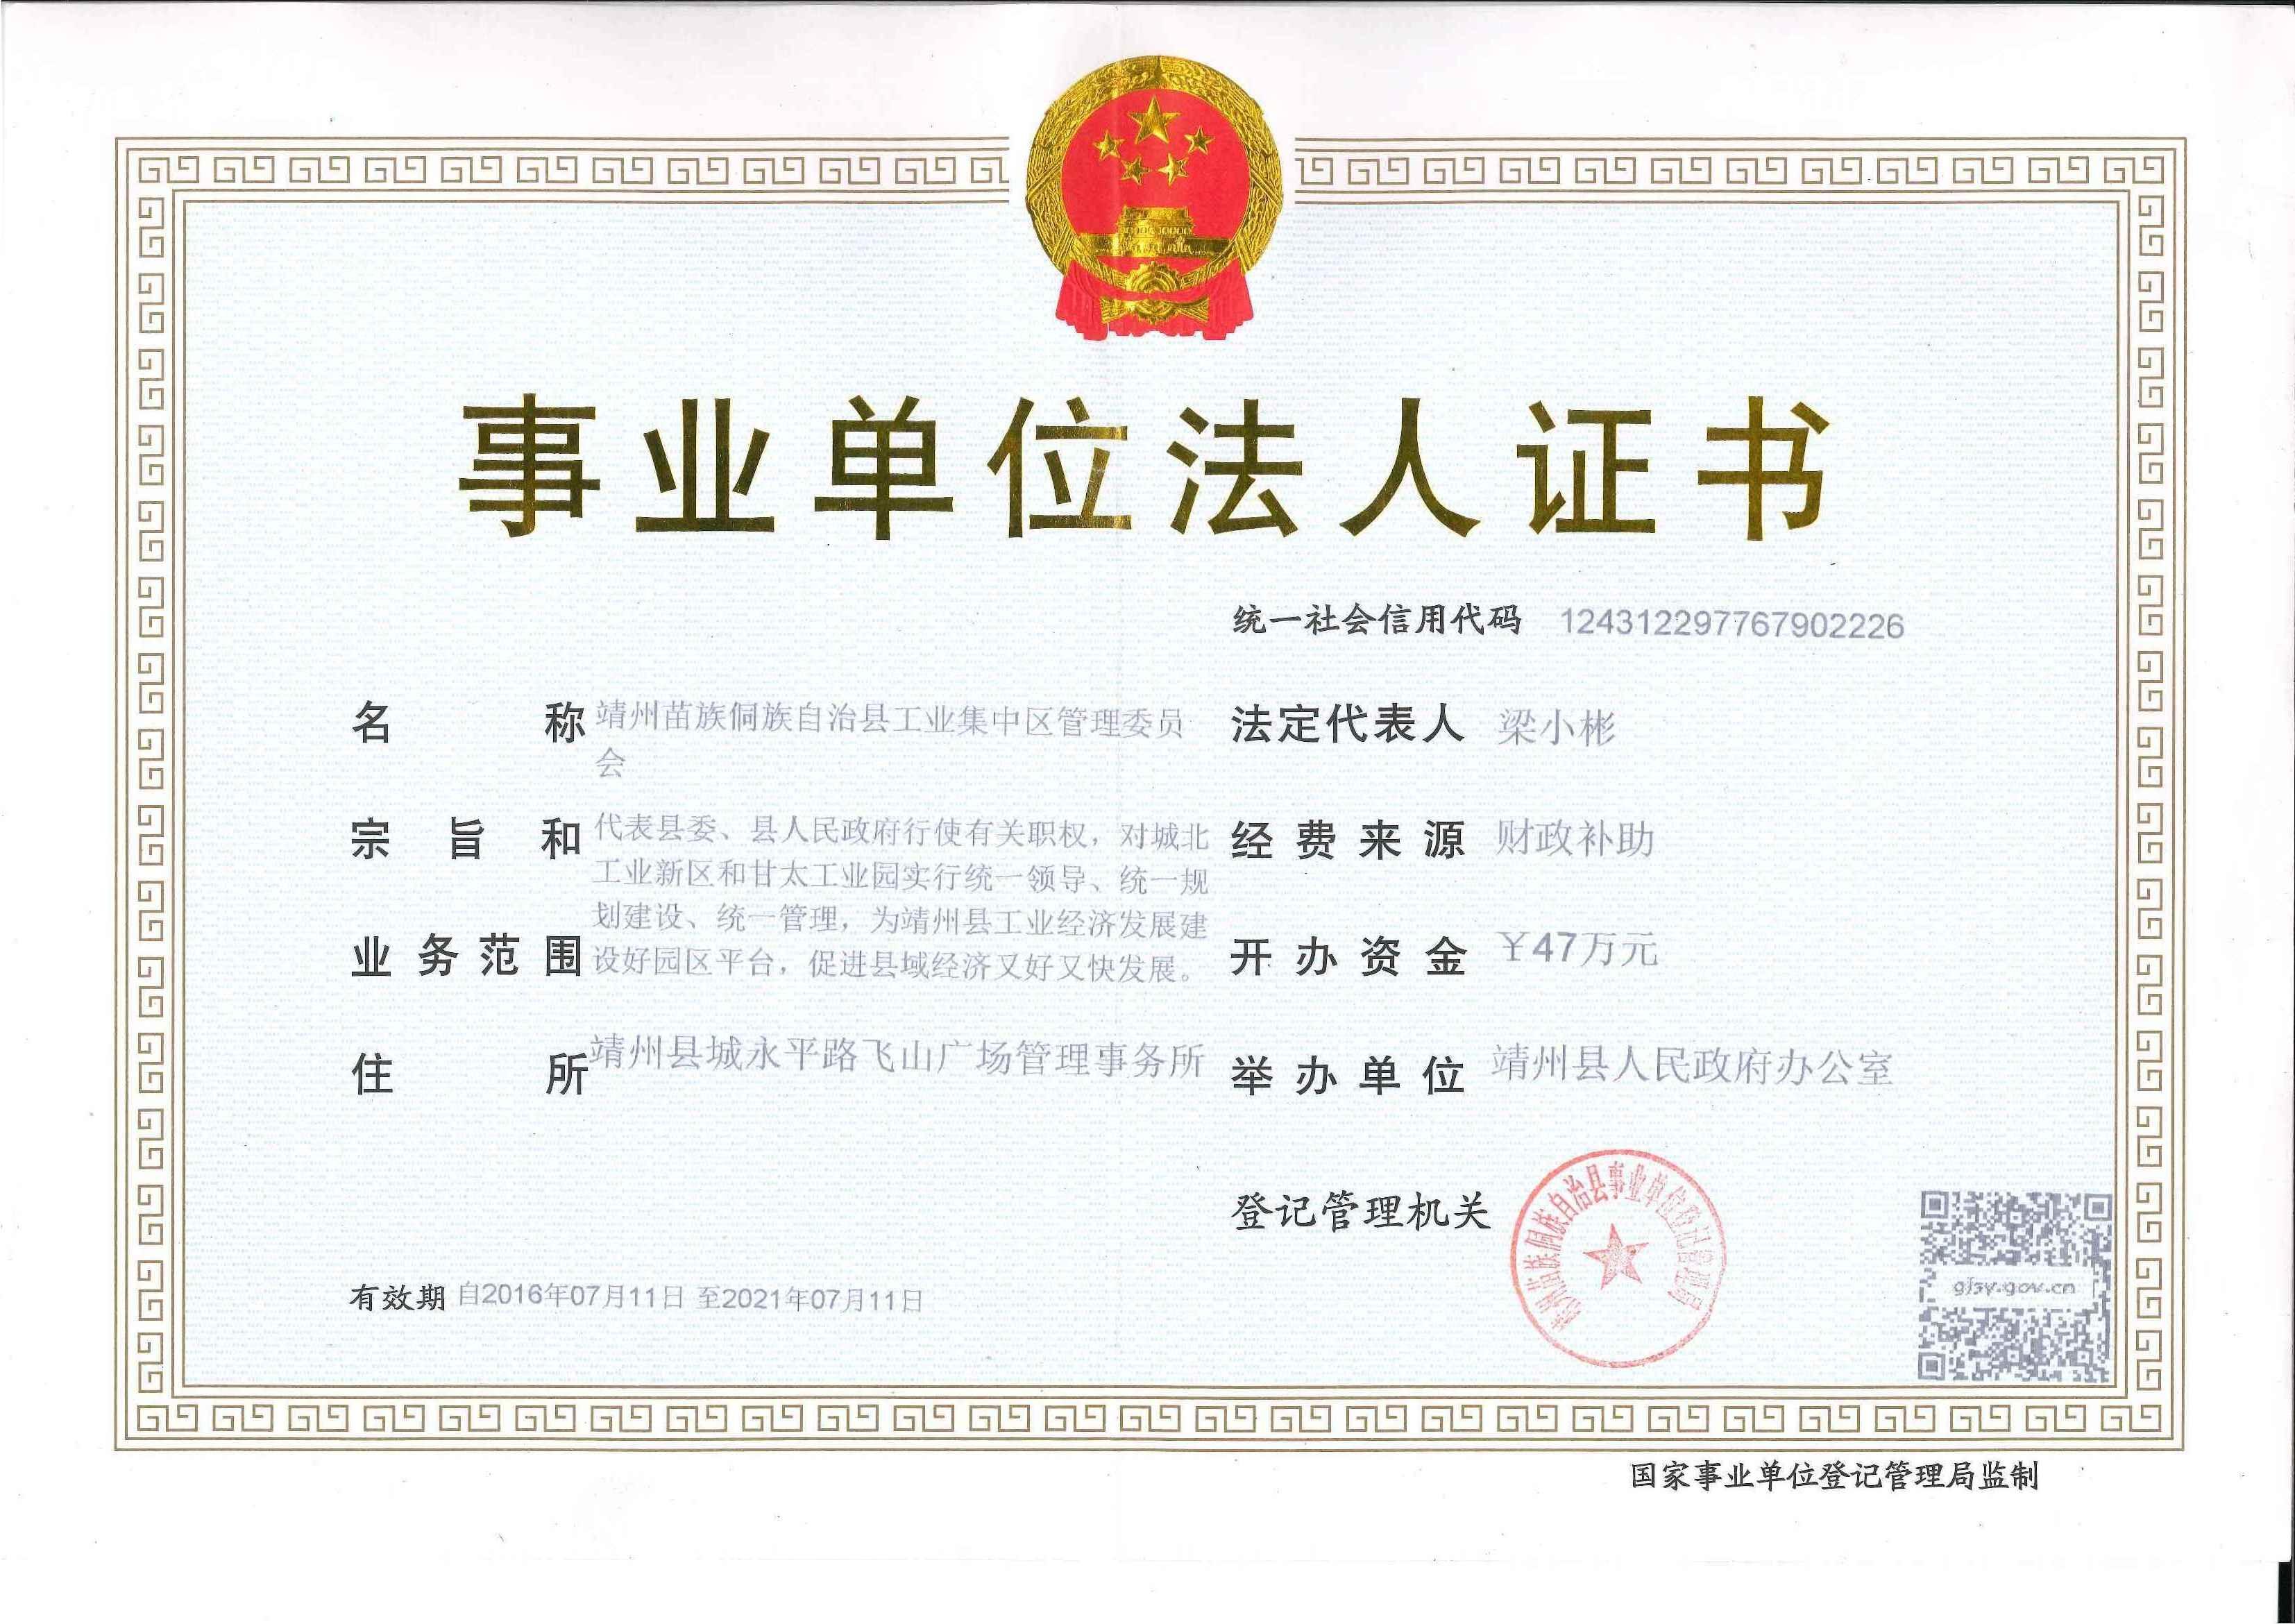 靖州苗族侗族自治县工业集中区管理委员会